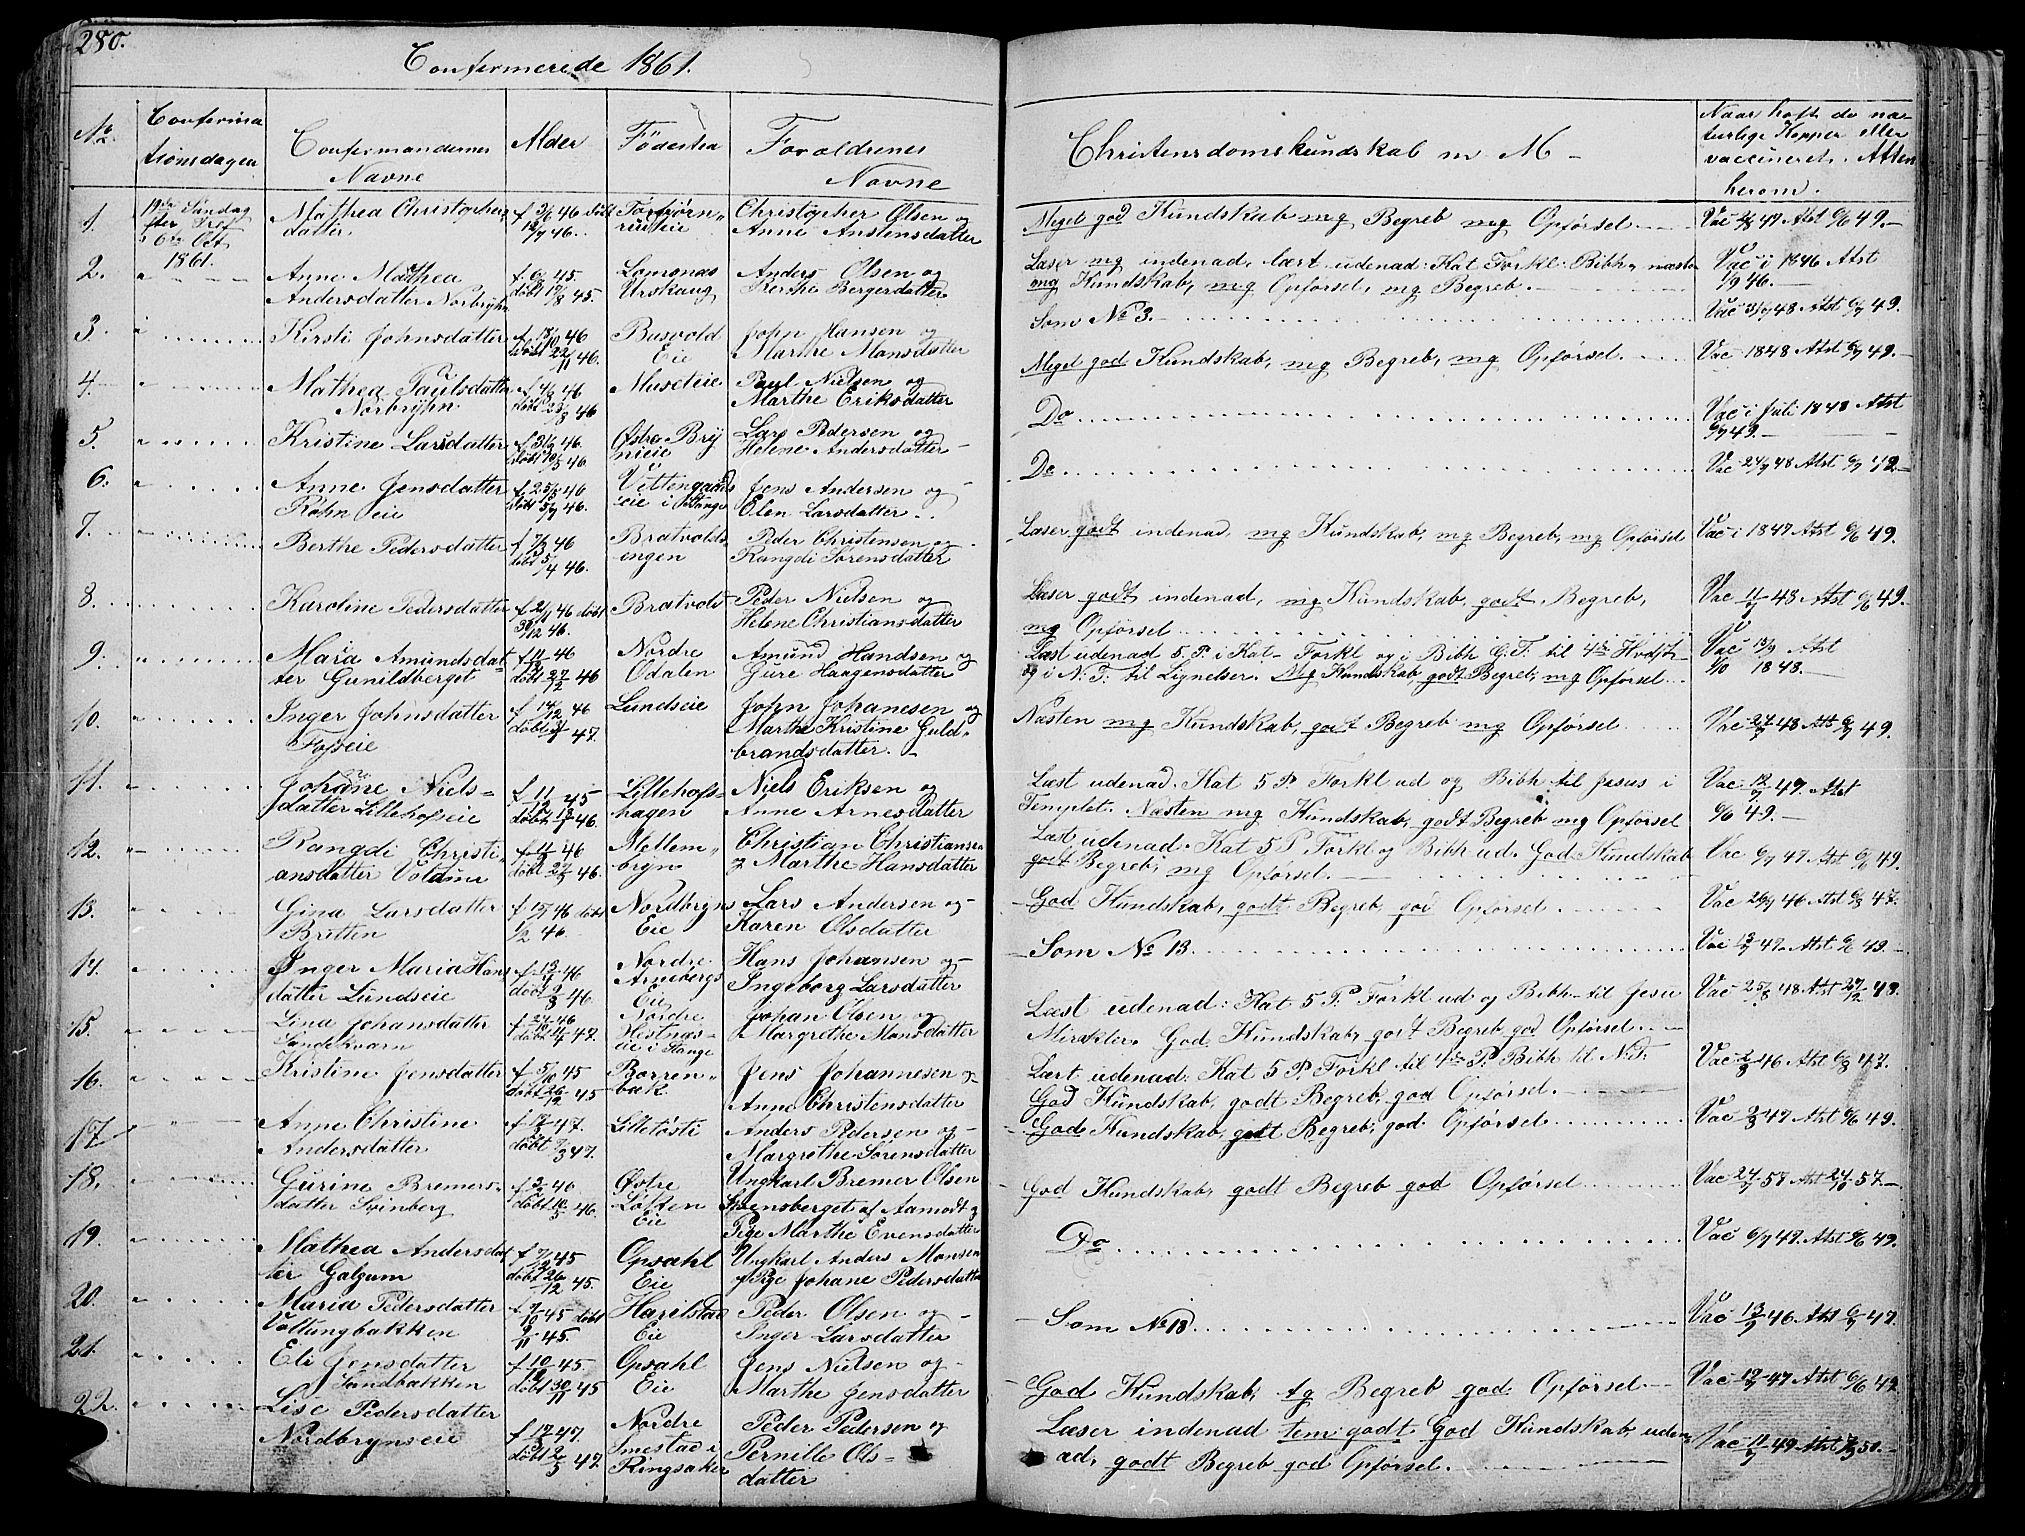 SAH, Romedal prestekontor, L/L0009: Klokkerbok nr. 9, 1846-1866, s. 280